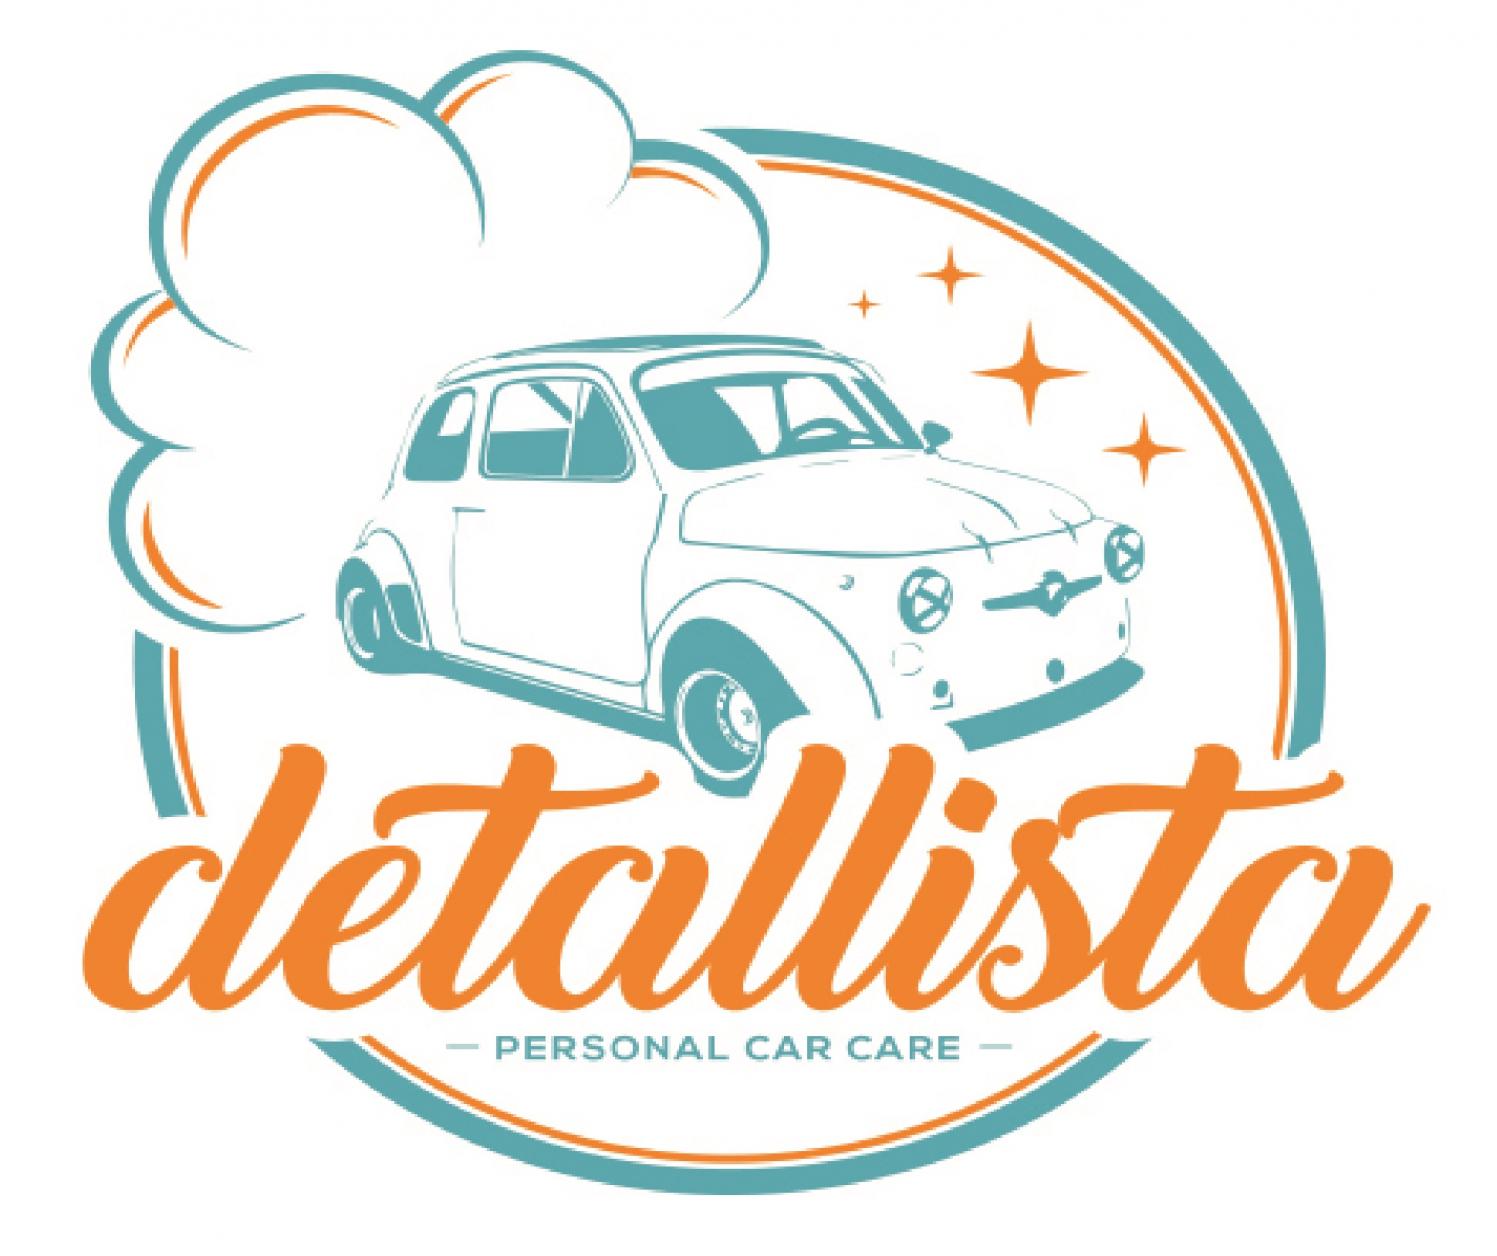 EEn persoonlijke en professionele kijk op auto detailing - Ik werk altijd op afspraak. Bel mij gerust eens vrijblijvend op.Gsm Tom : 0476 94 00 58 https://www.facebook.com/detallista81/e- mail : info@detallista.be